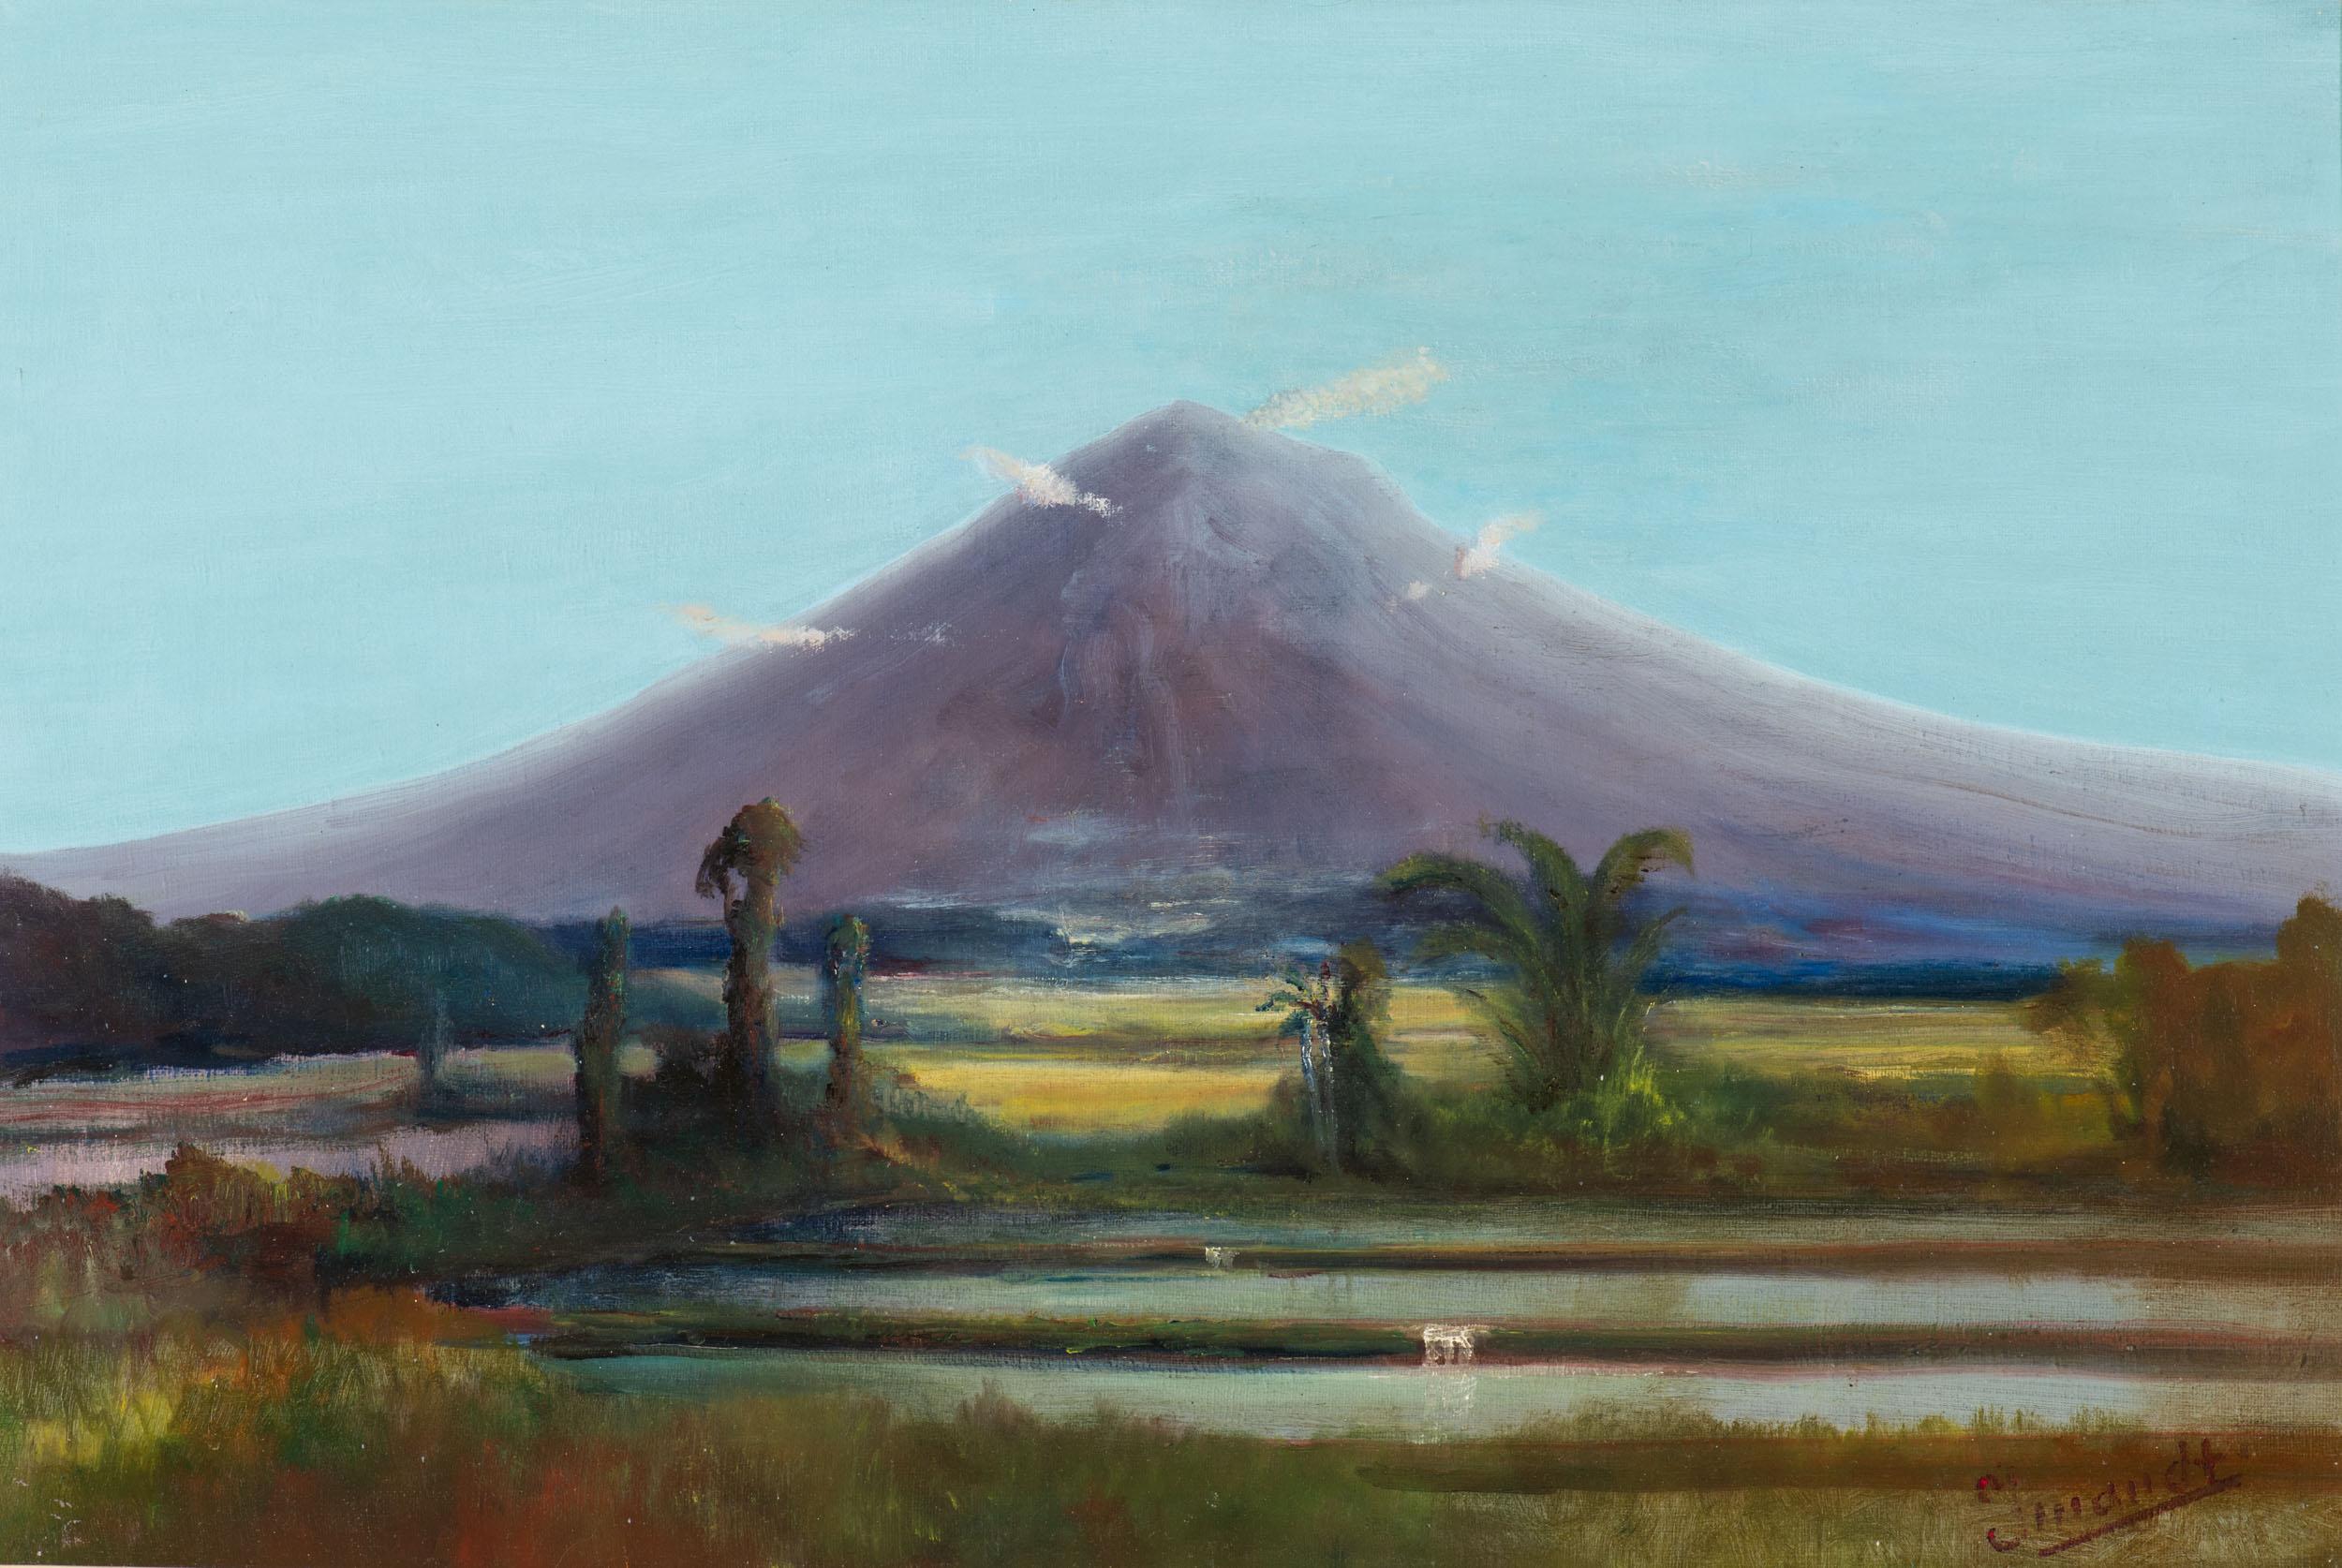 The great Merapi volcano